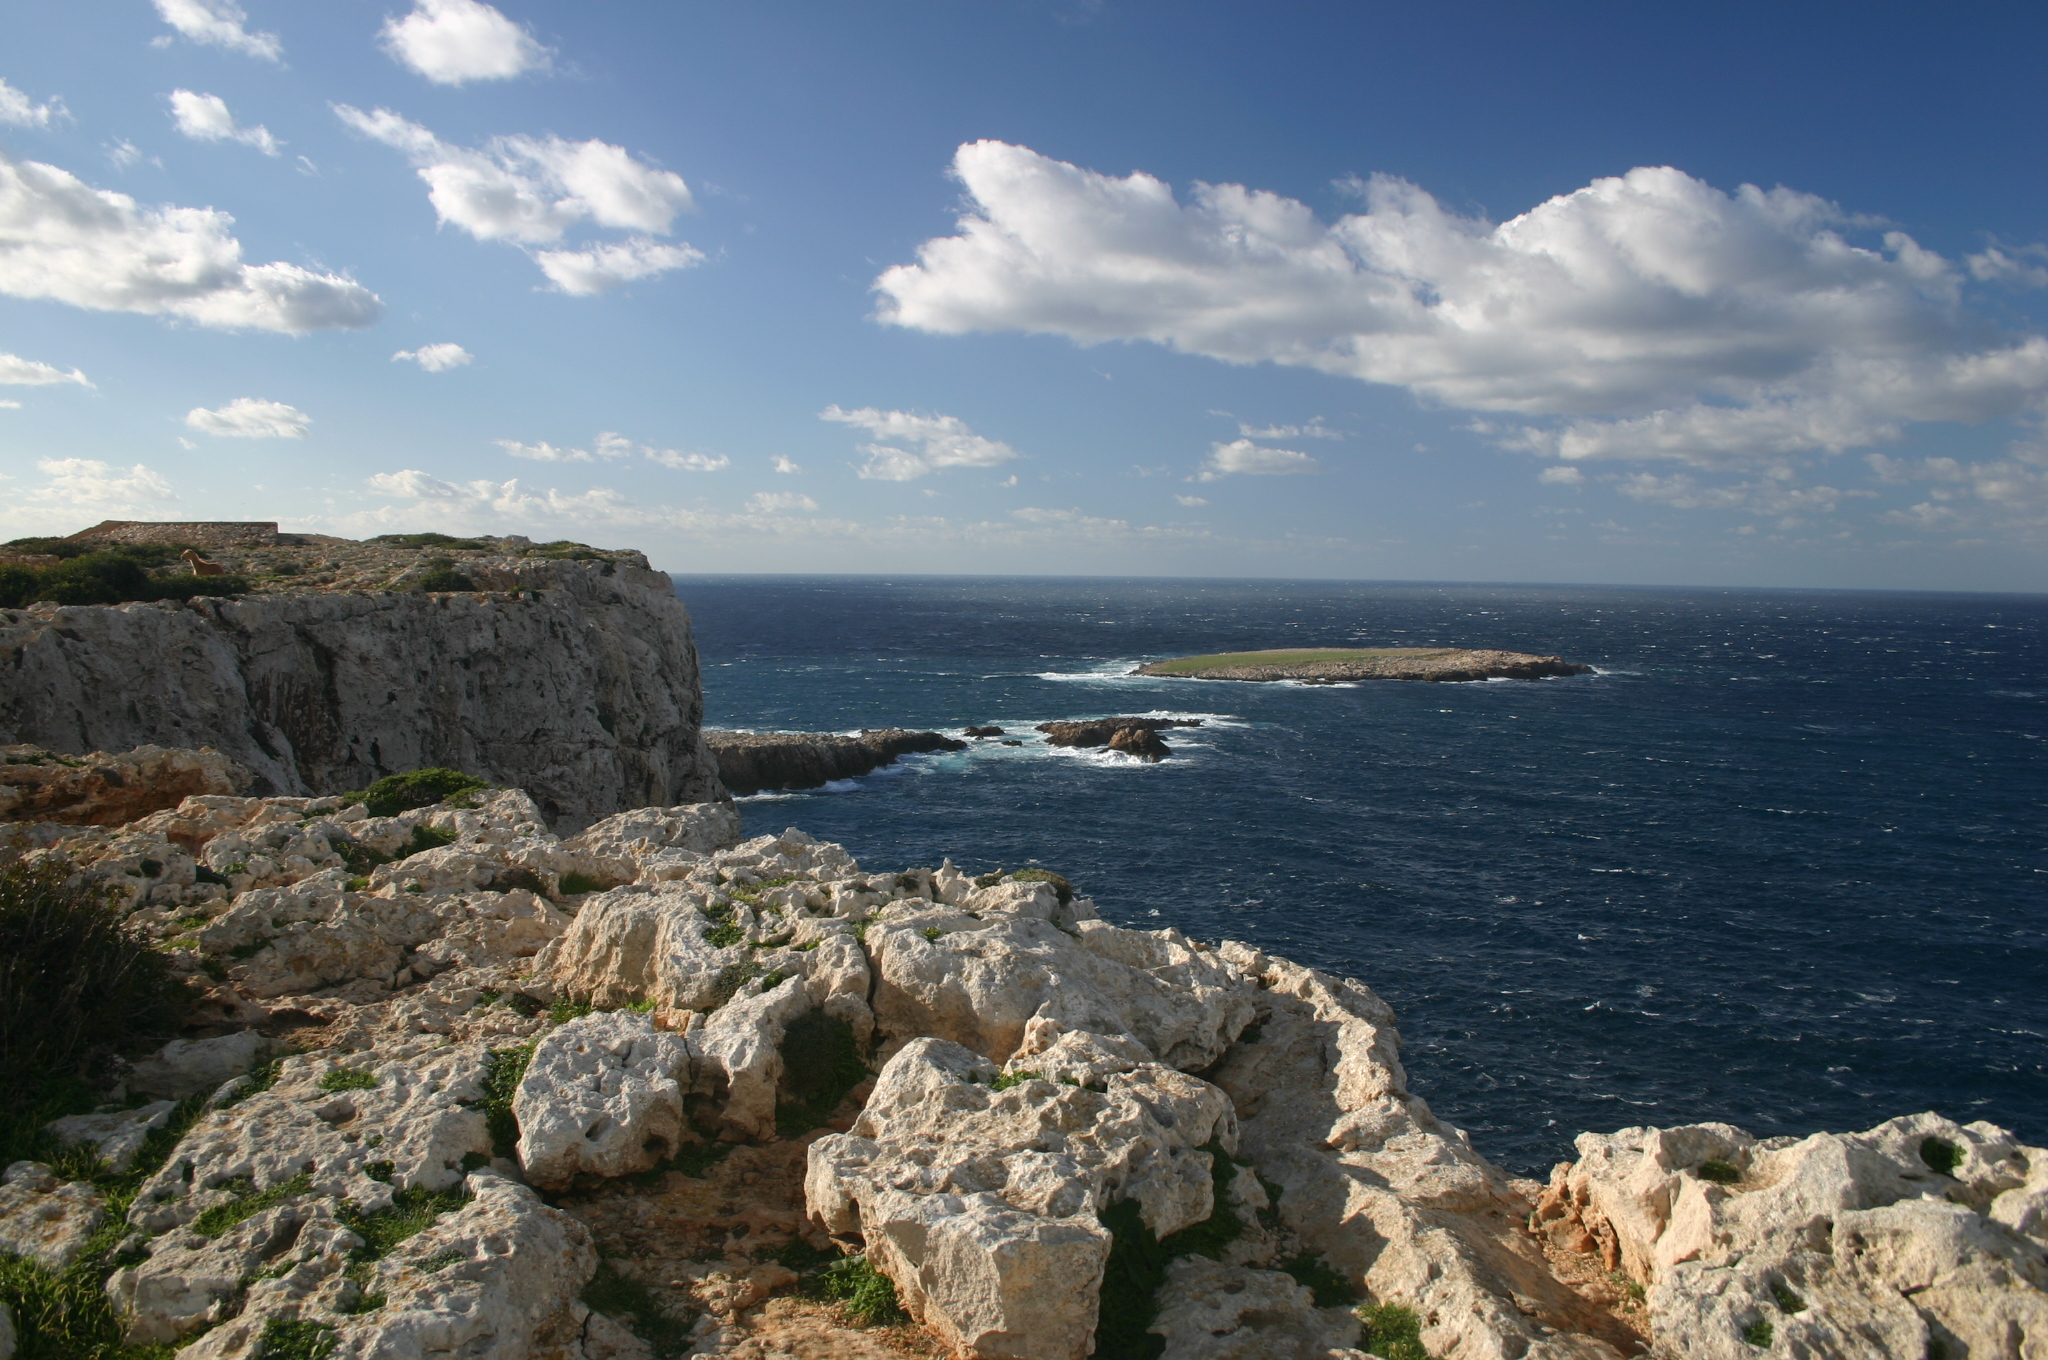 Coastal views from Cap de Cavalleria in Menorca